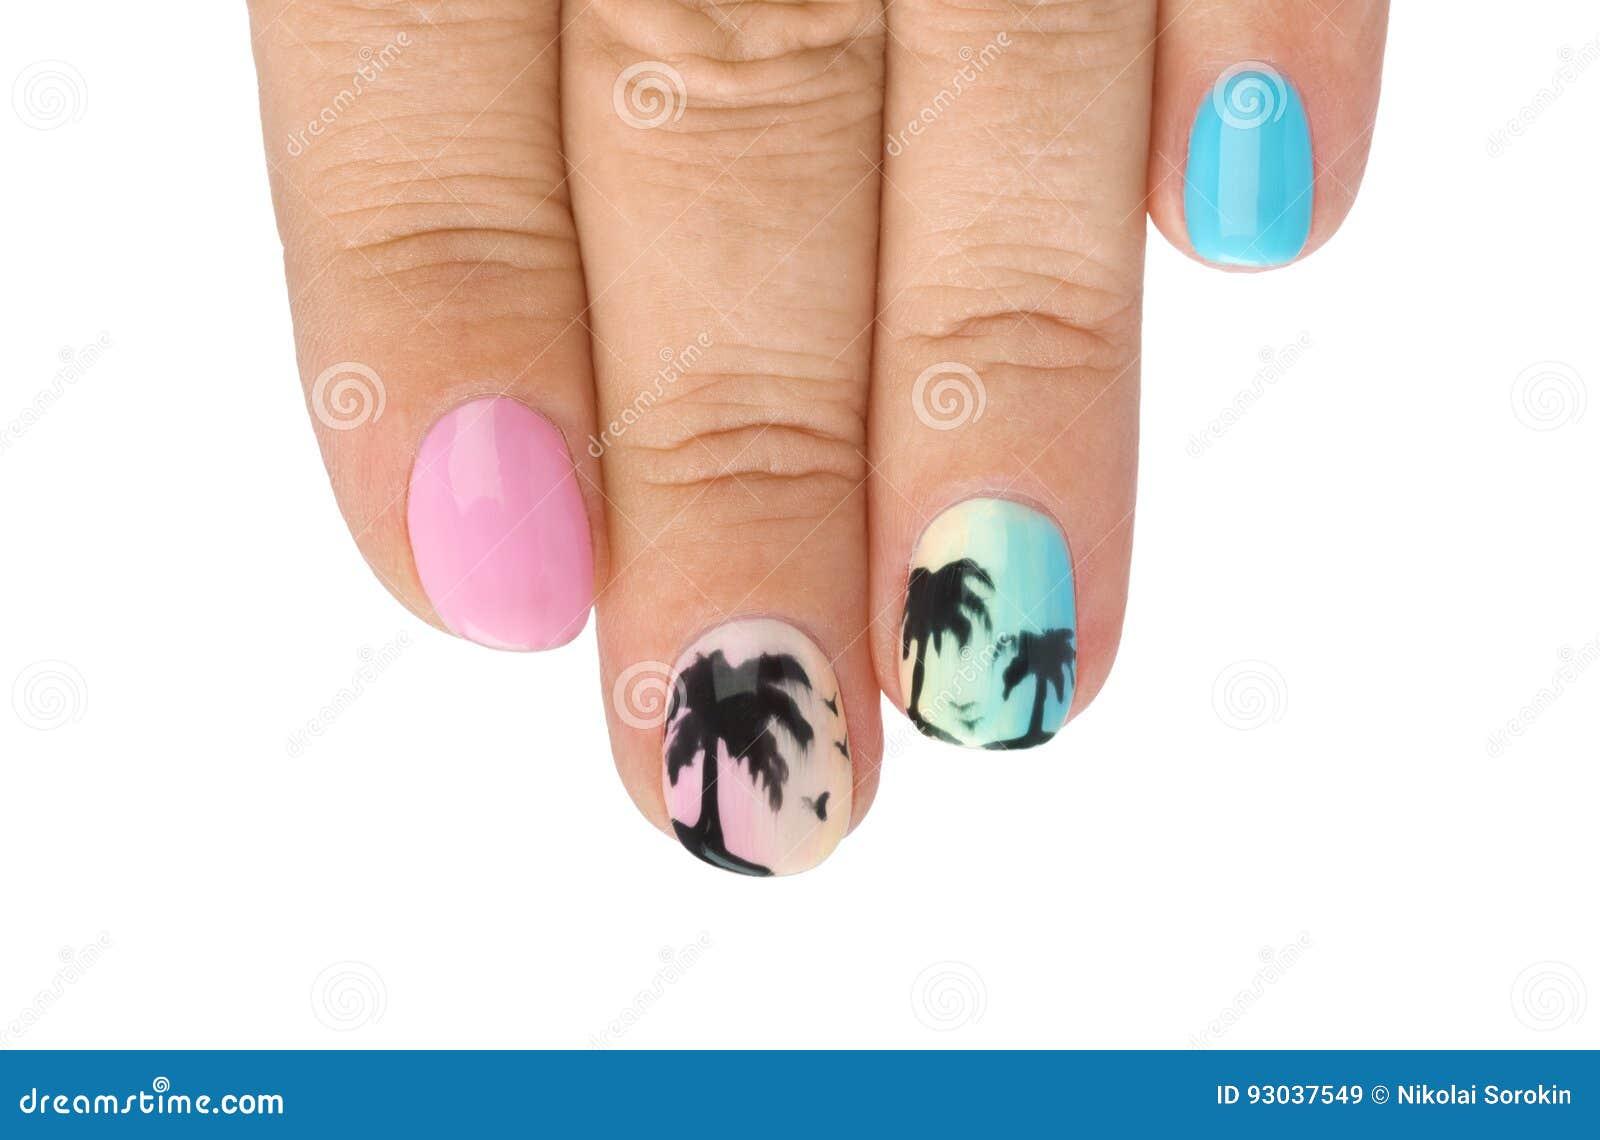 fingernagel mit muster modehintergrund - Fingernagel Muster Bilder